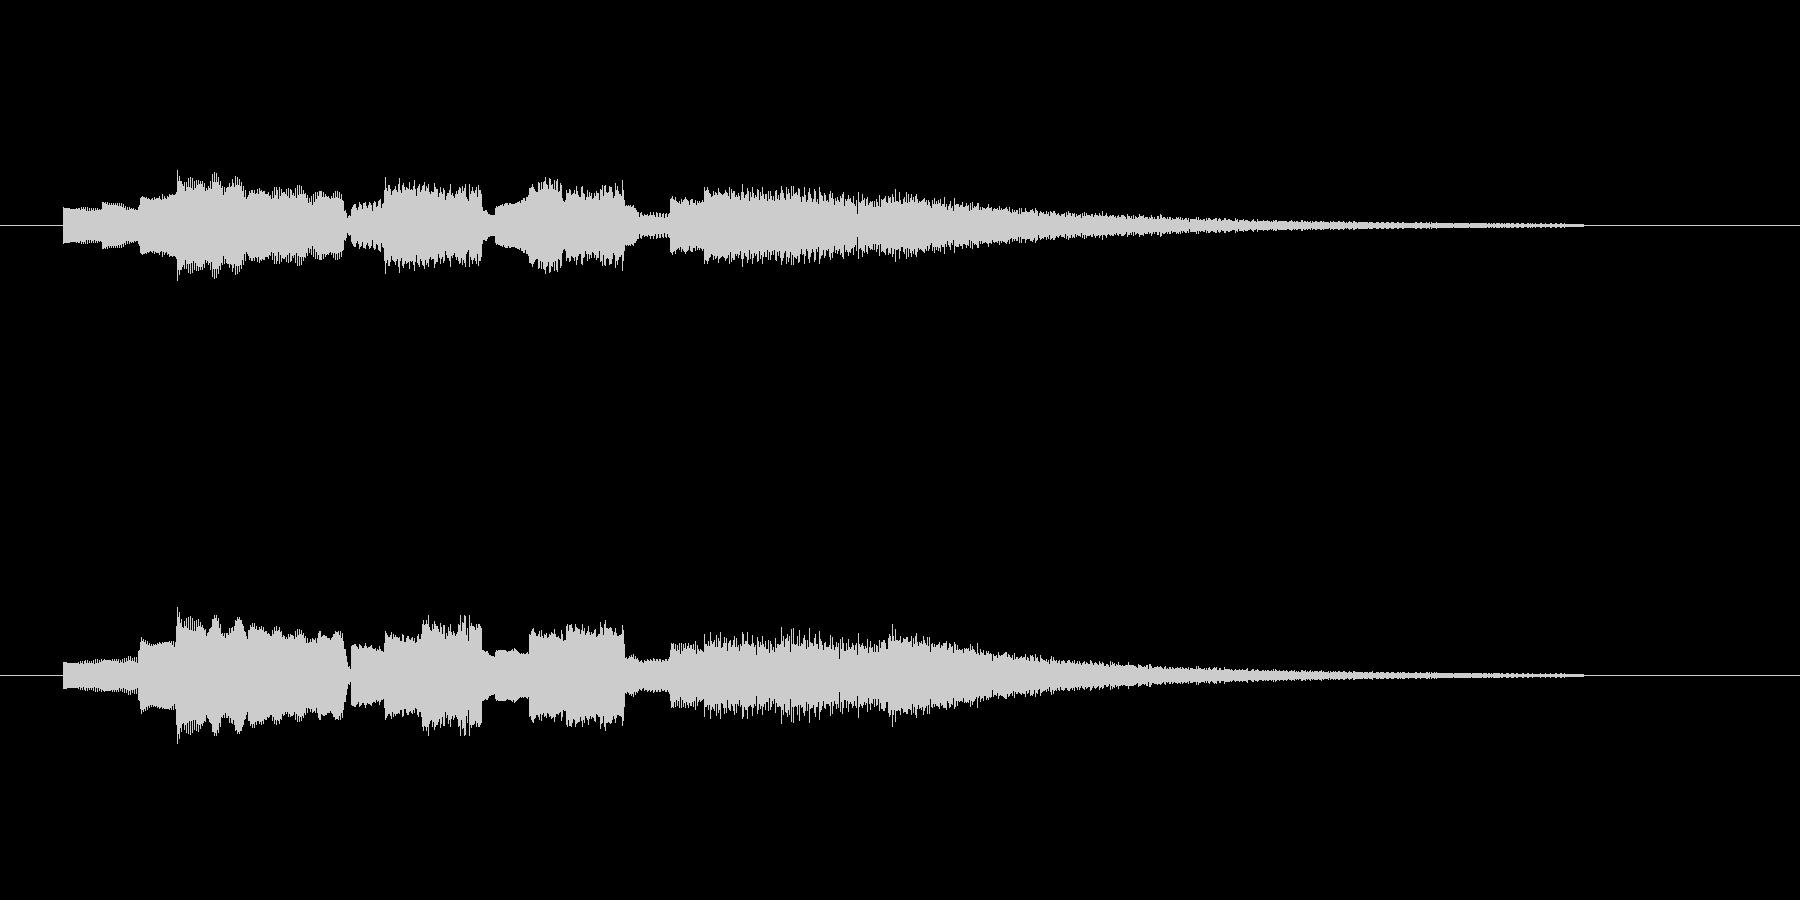 アイキャッチにオススメなエレビのジングルの未再生の波形